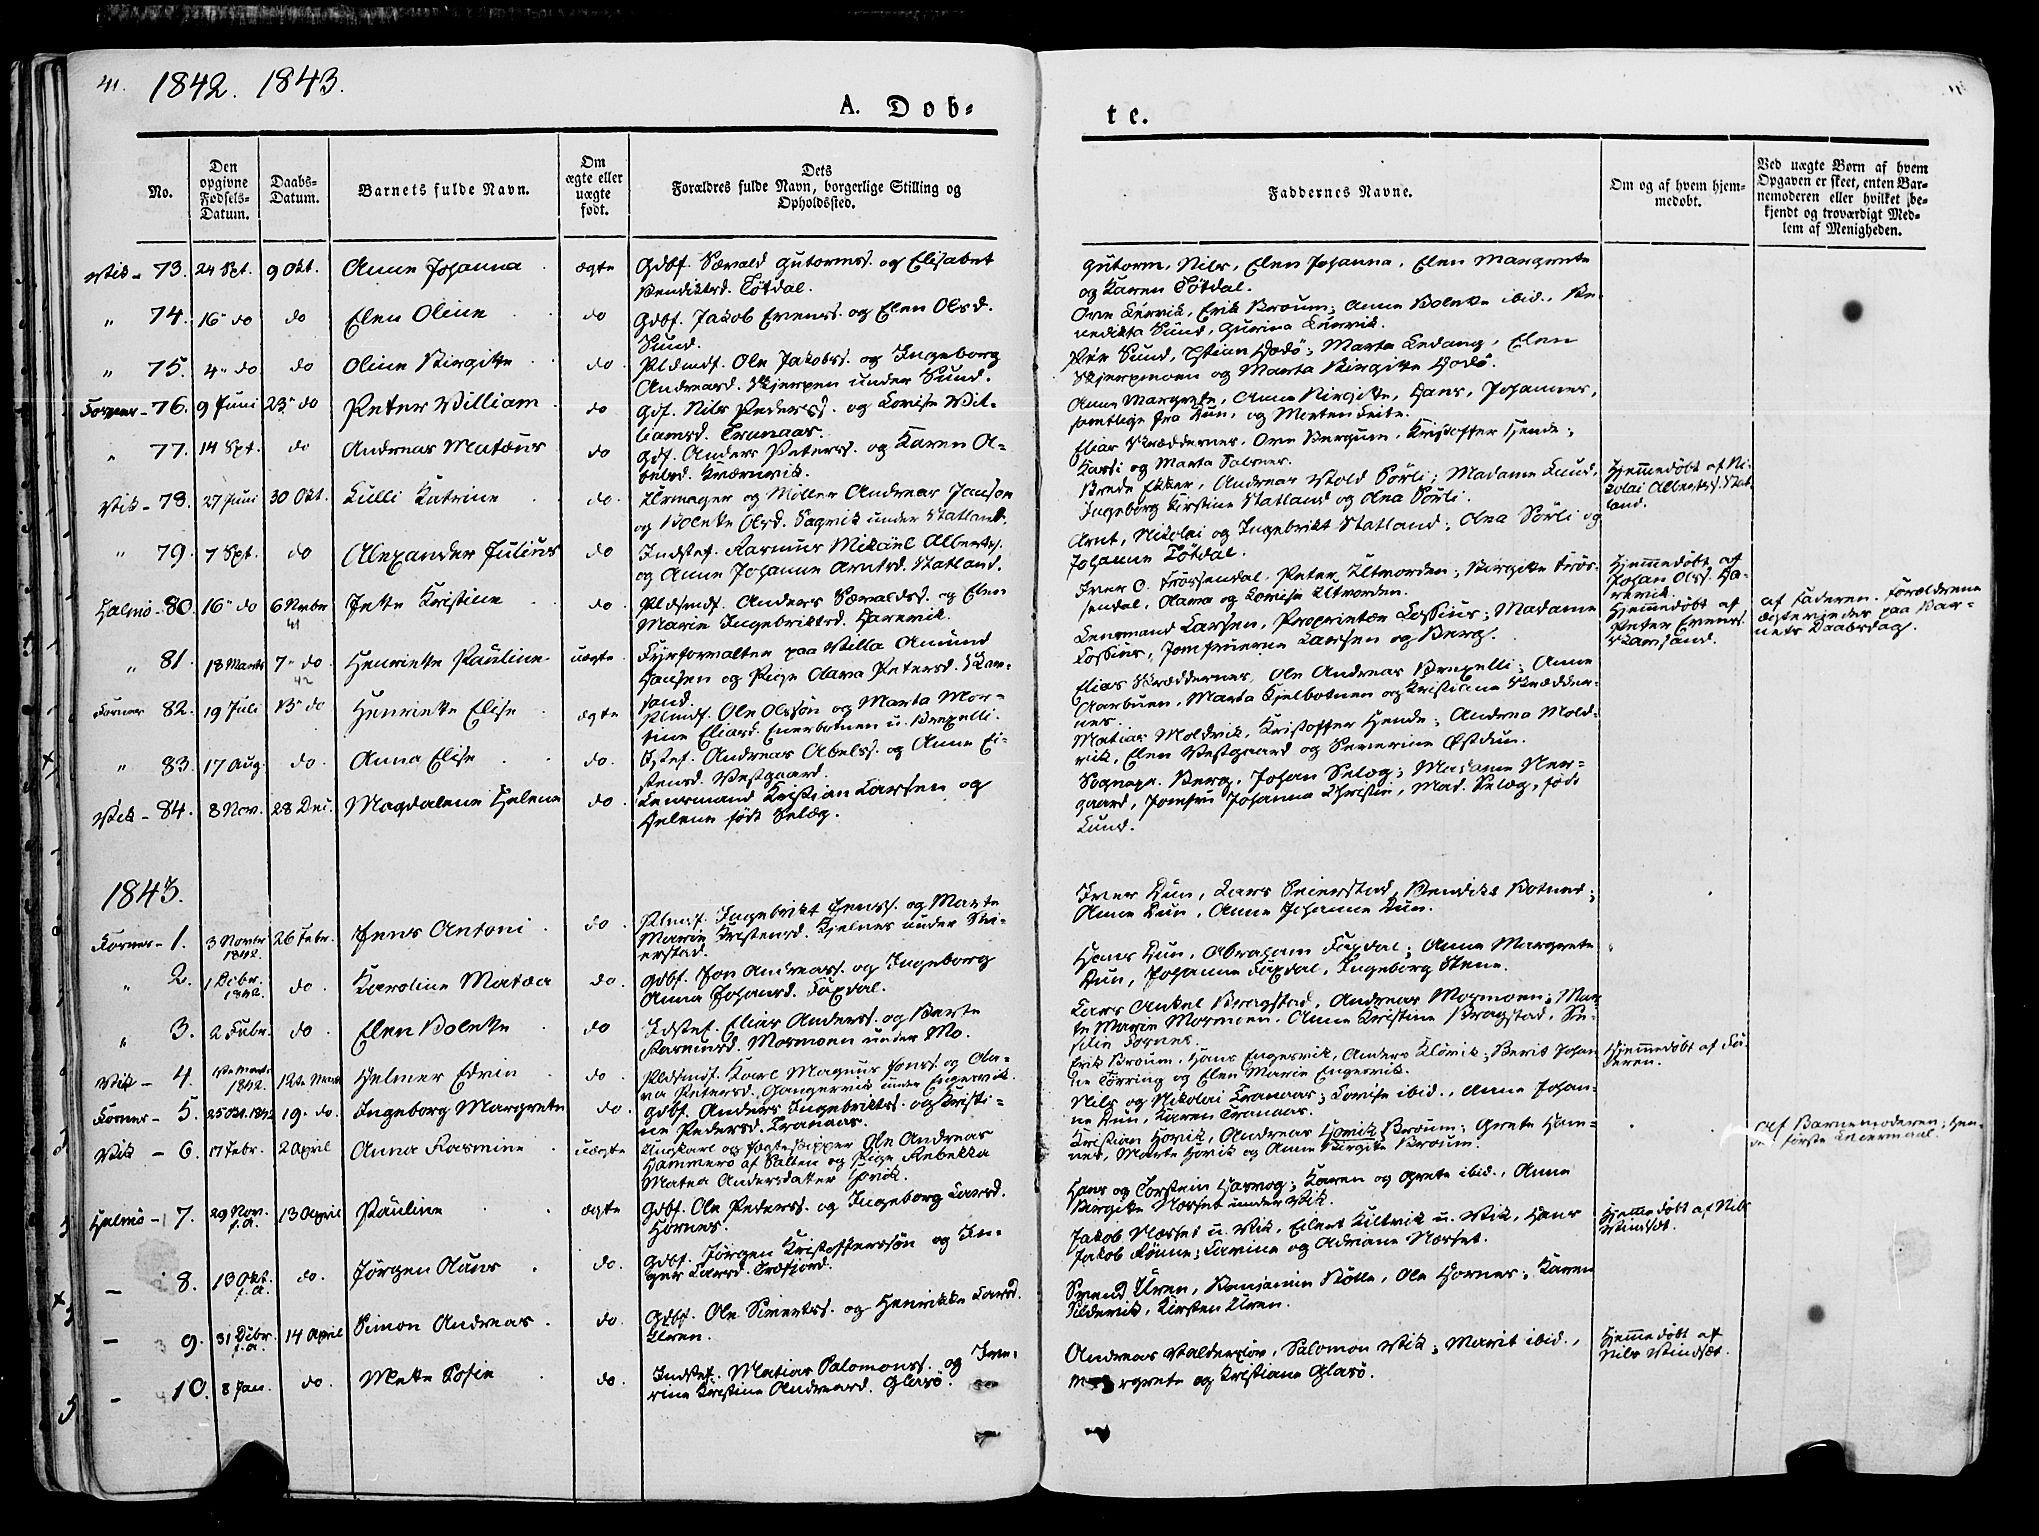 SAT, Ministerialprotokoller, klokkerbøker og fødselsregistre - Nord-Trøndelag, 773/L0614: Ministerialbok nr. 773A05, 1831-1856, s. 41